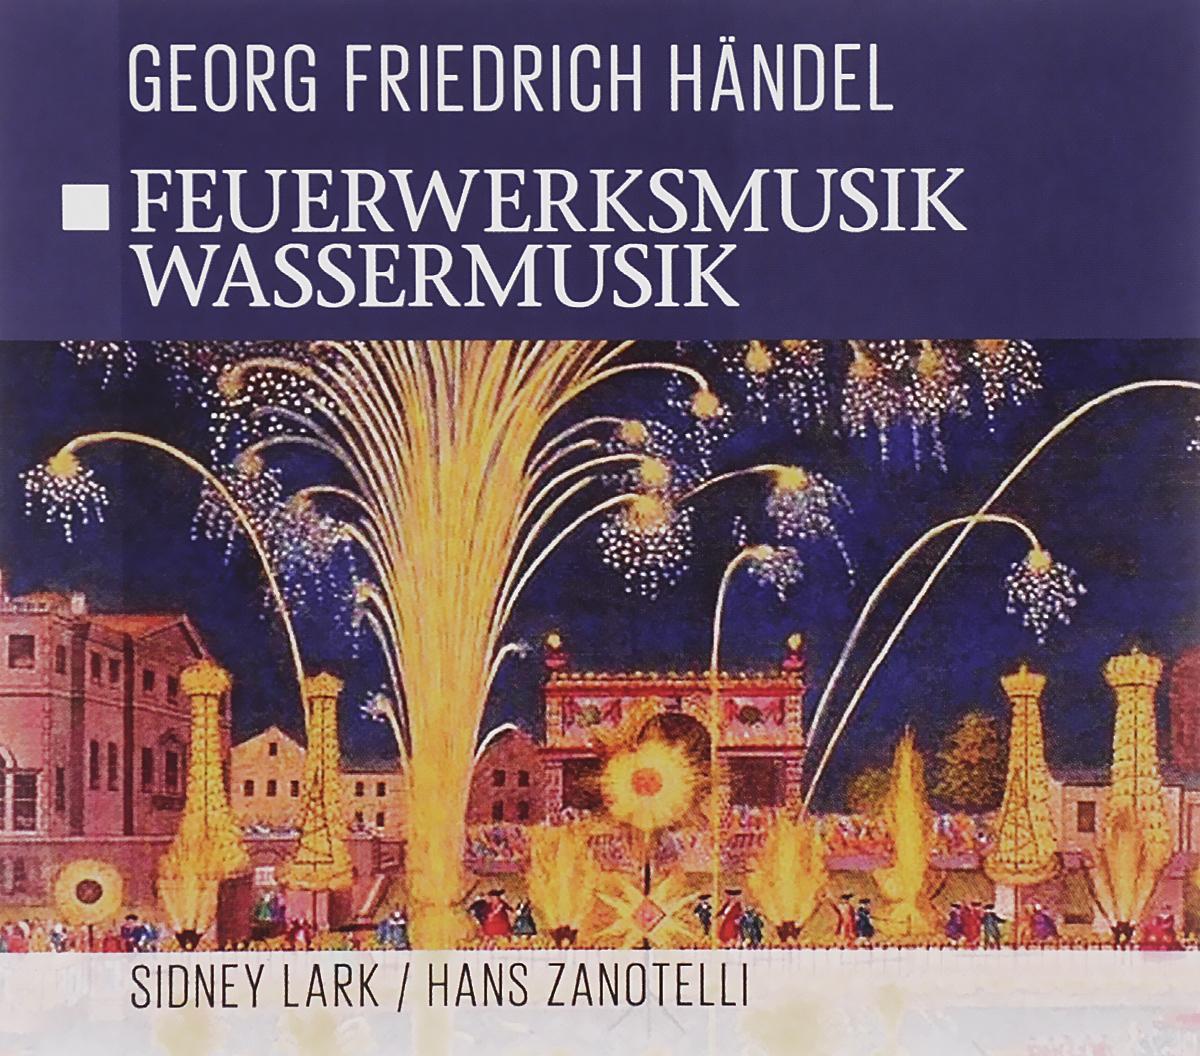 Сидни Ларк,Ханс Занотелли,London Festival Orchestra,Norddeutsche Philharmonie Georg Friedrich Handel. Feuerwerksmusik / Wassermusik цены онлайн